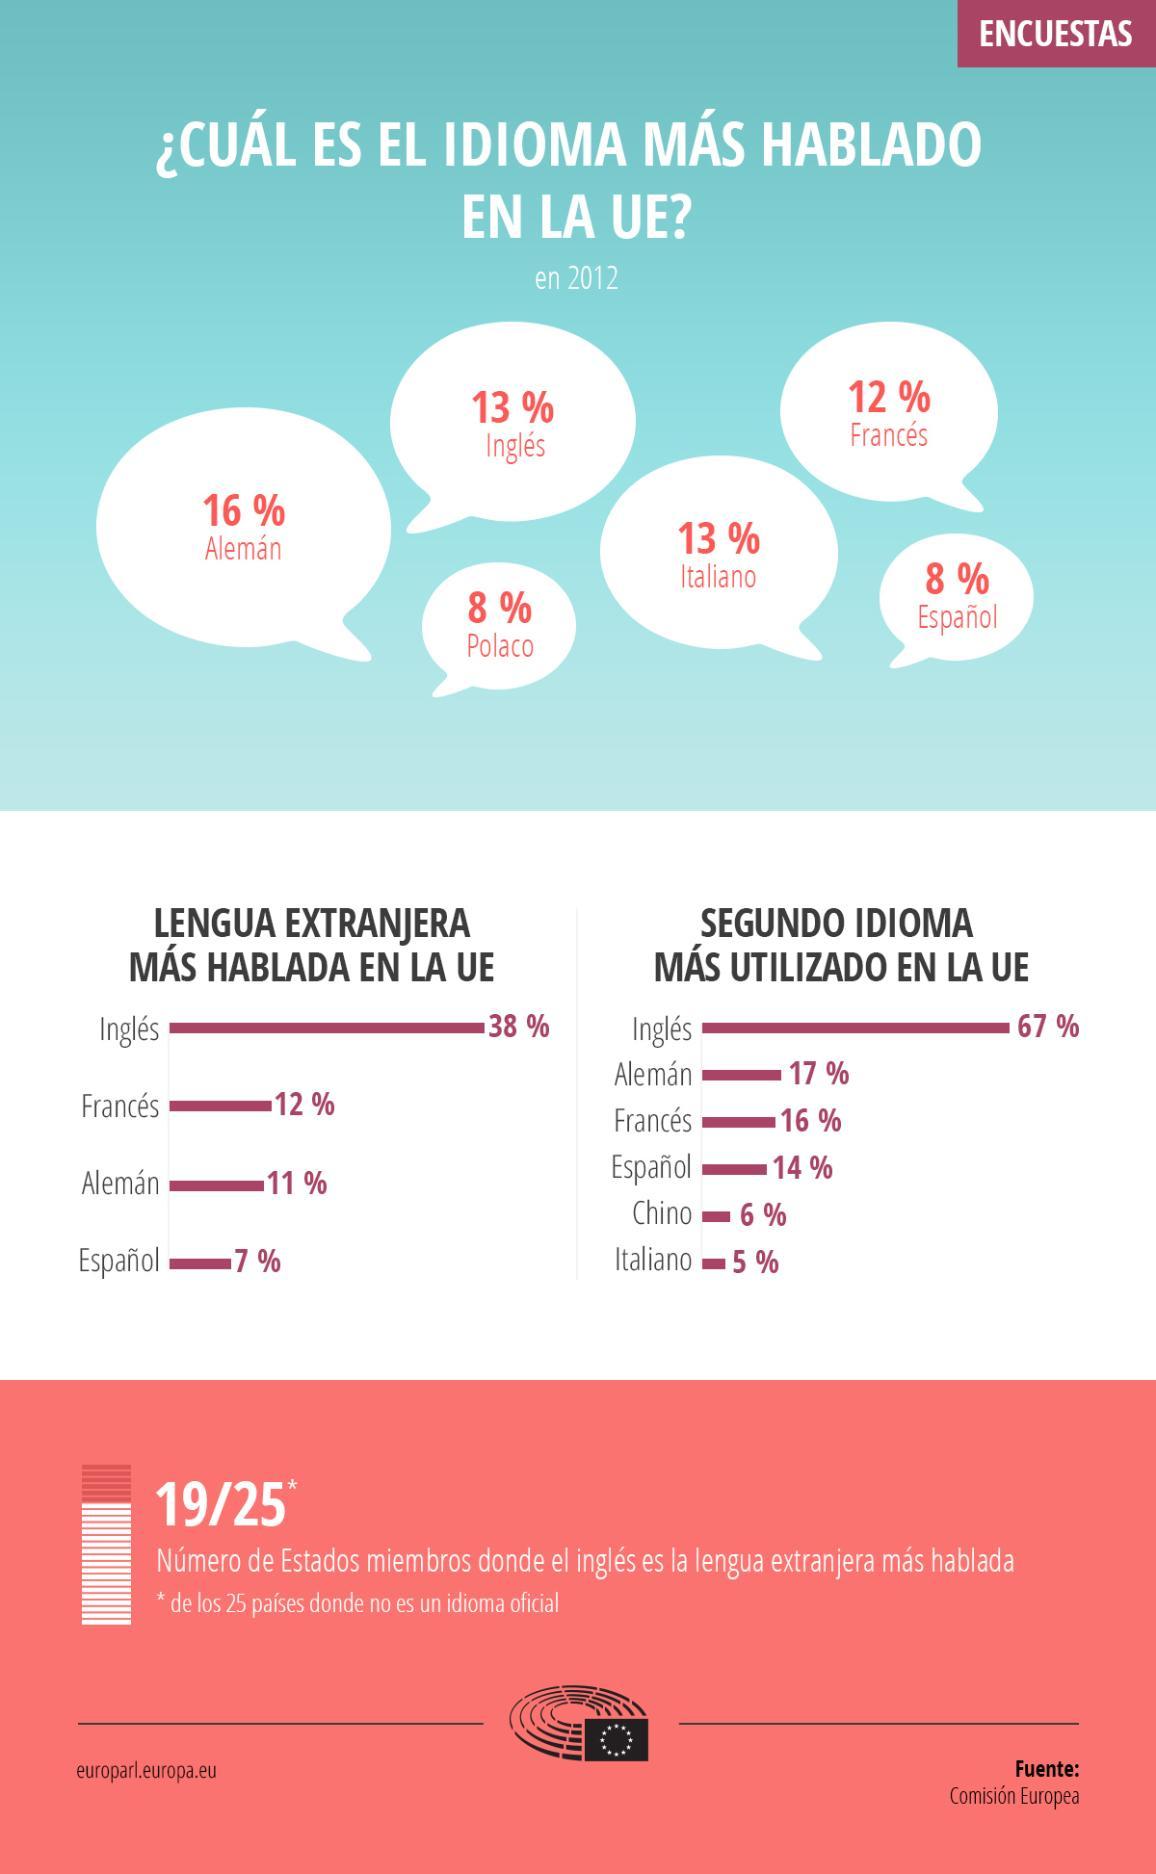 Infografía sobre los idiomas que se hablan en la Unión Europea